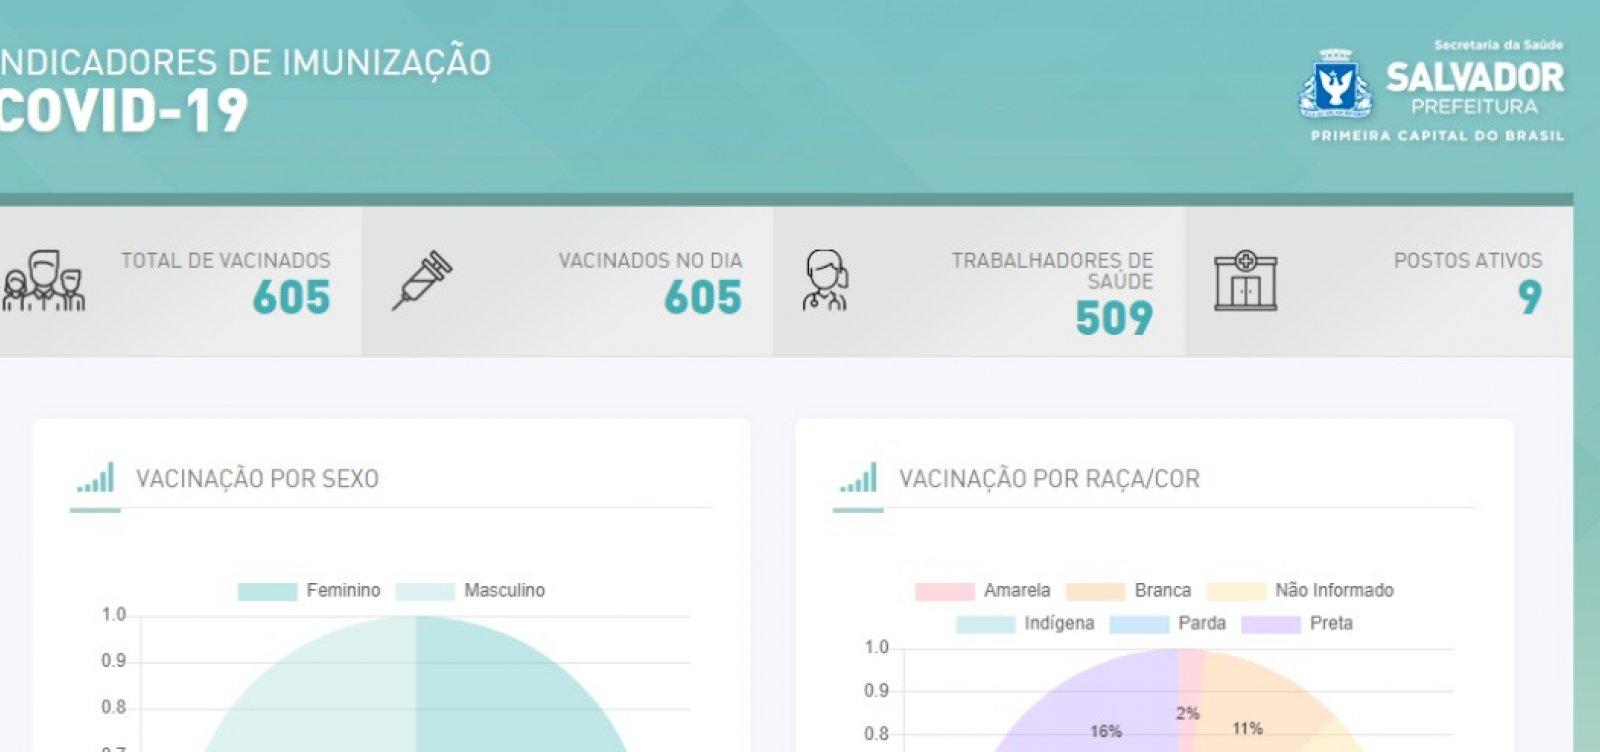 Vacinômetro: prefeitura lança plataforma para acompanhar imunização contra Covid-19 em Salvador; veja